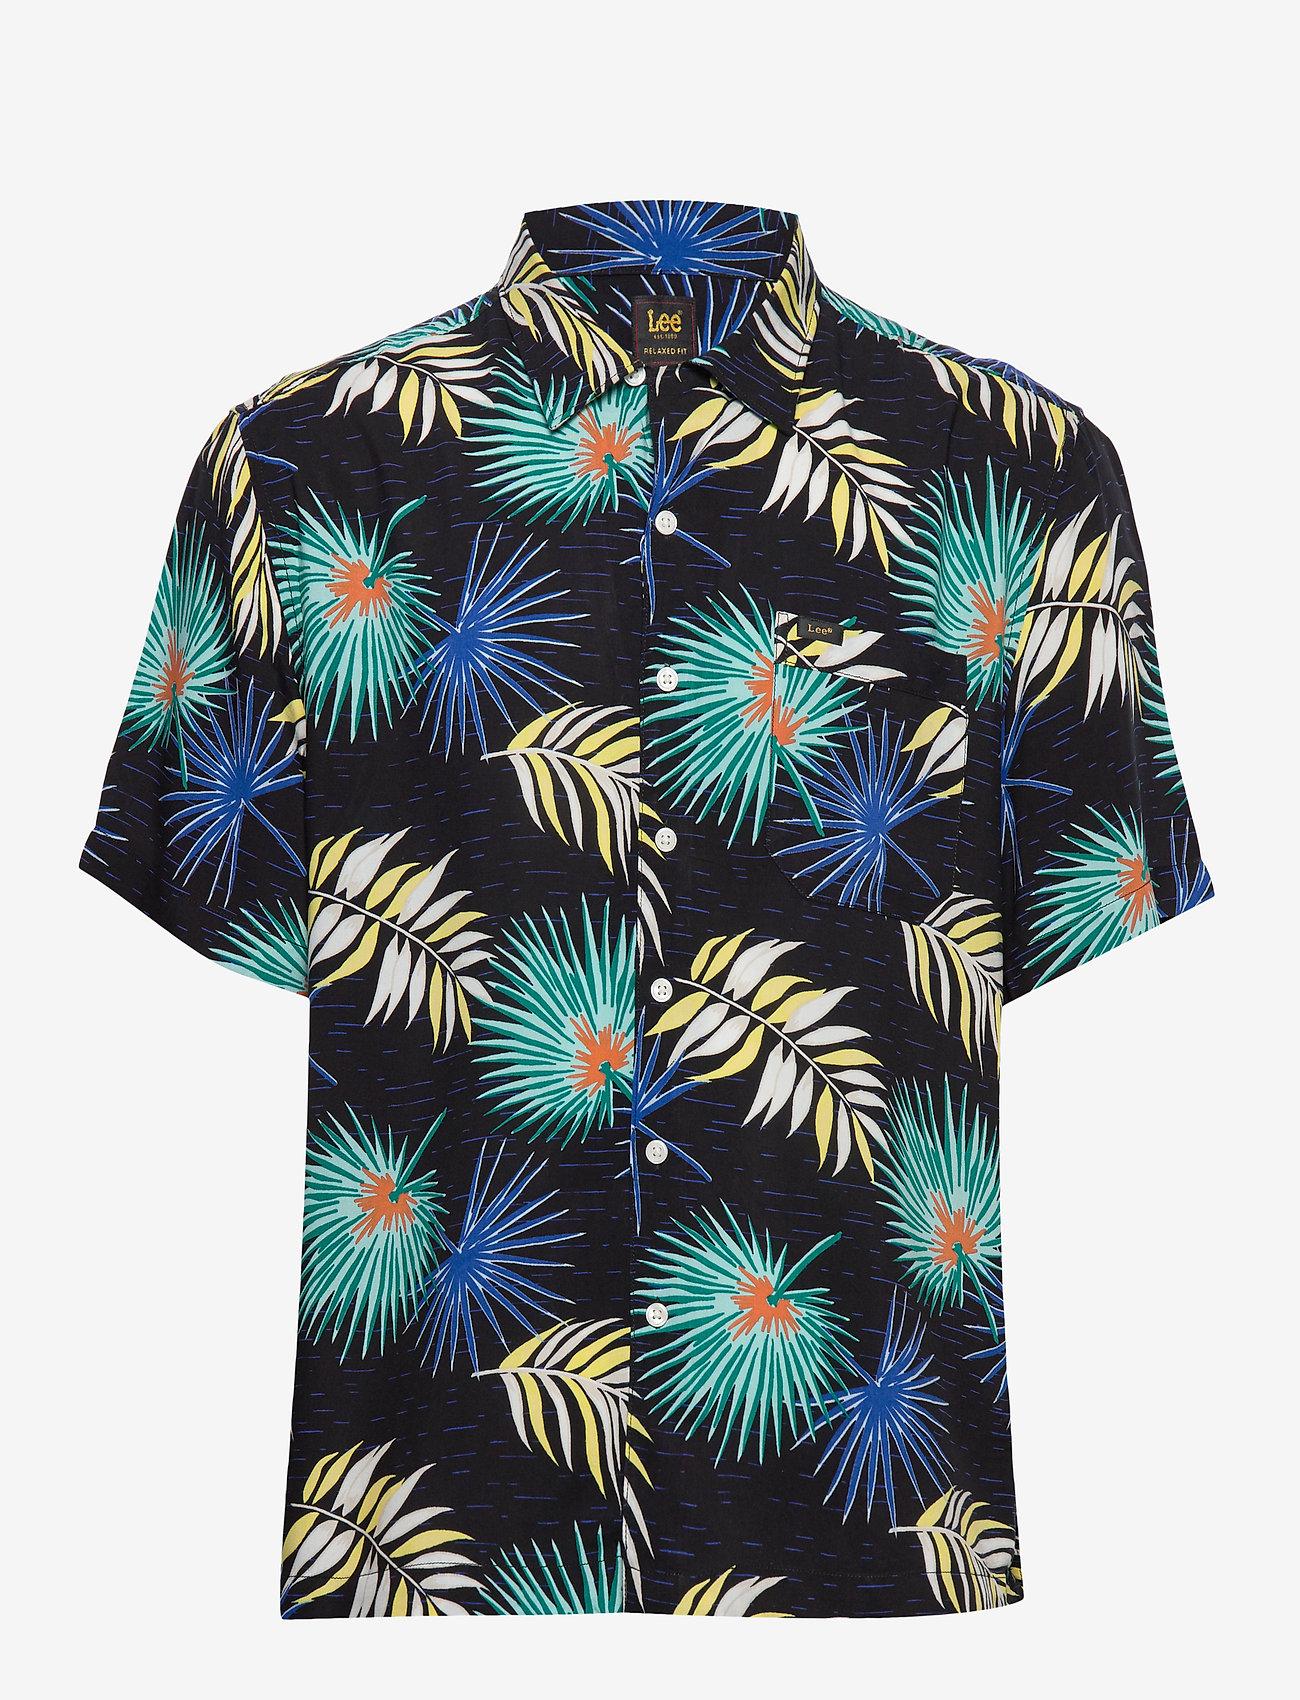 Lee Jeans - SS RESORT SHIRT - short-sleeved shirts - summer mint - 1